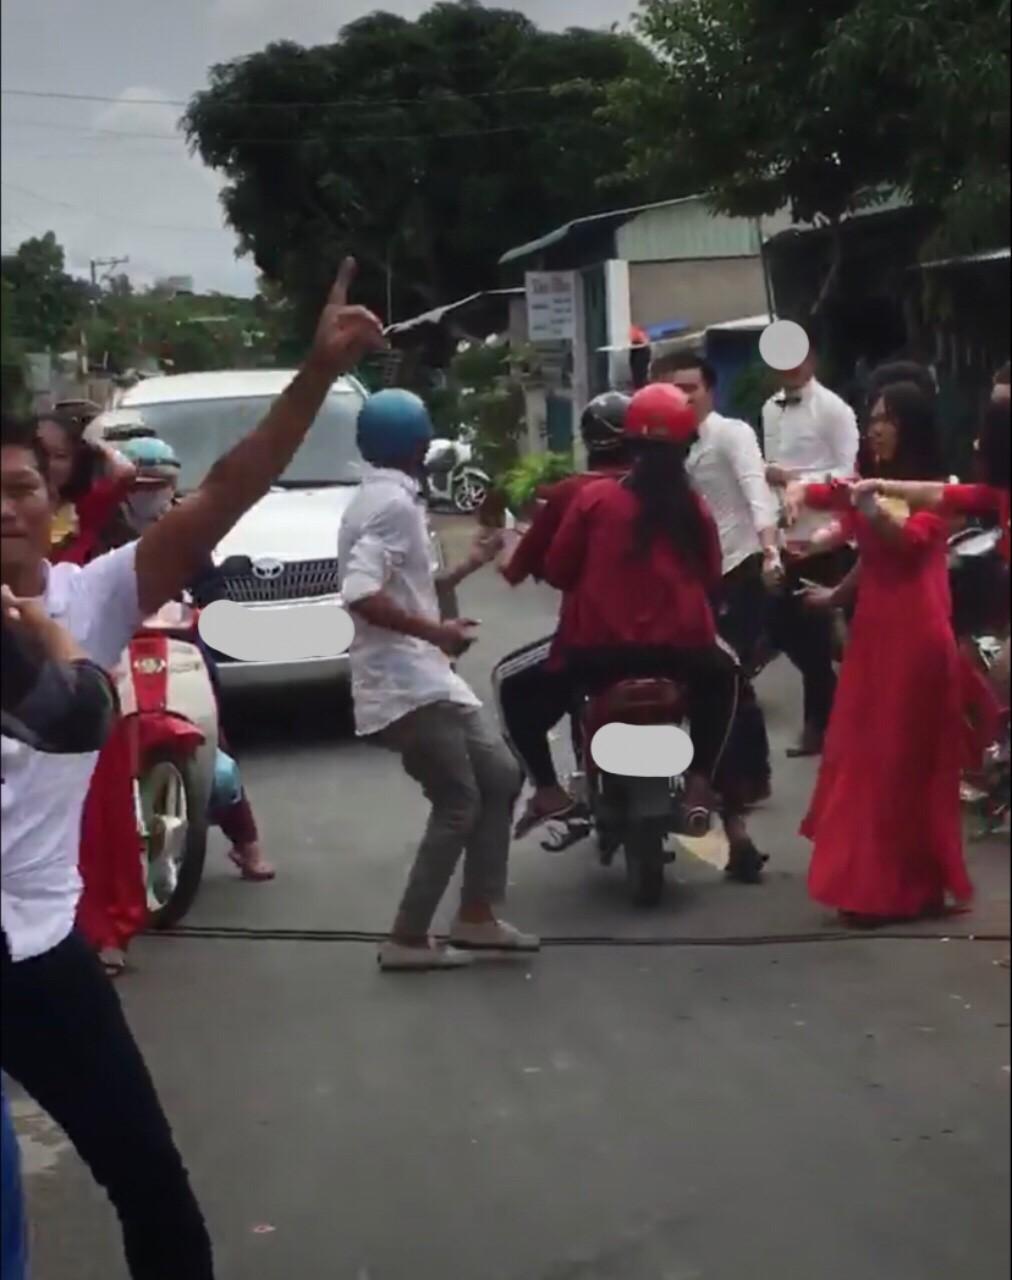 Clip: Đám cưới bị vui quá đà ở An Giang, ra cả giữa đường nhảy múa trêu xe tải - Ảnh 3.